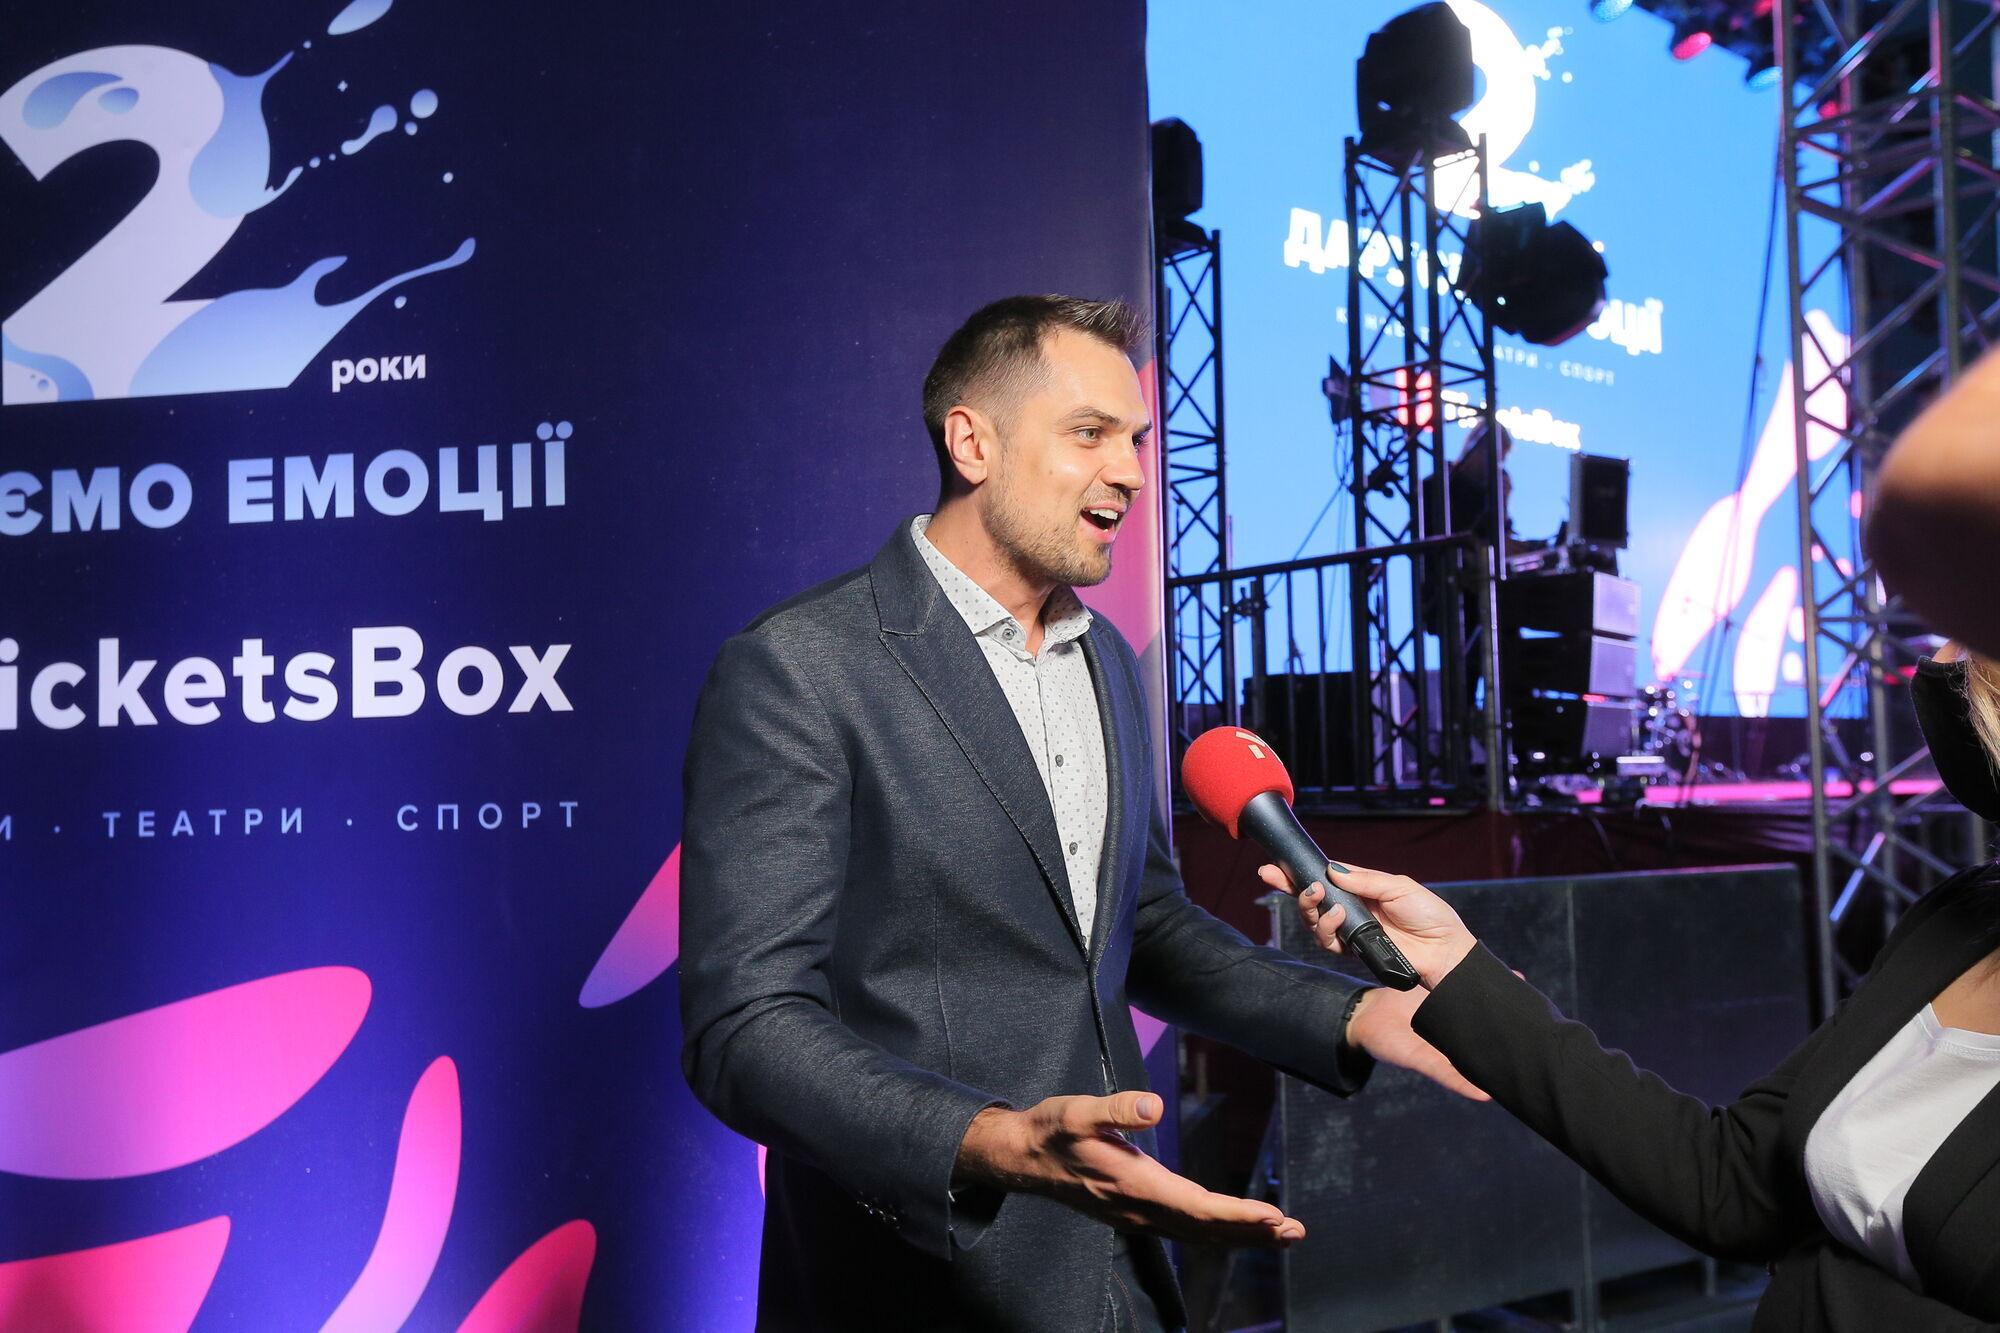 З вітальними словами гостям заходу виступив Костянтин Євтушенко